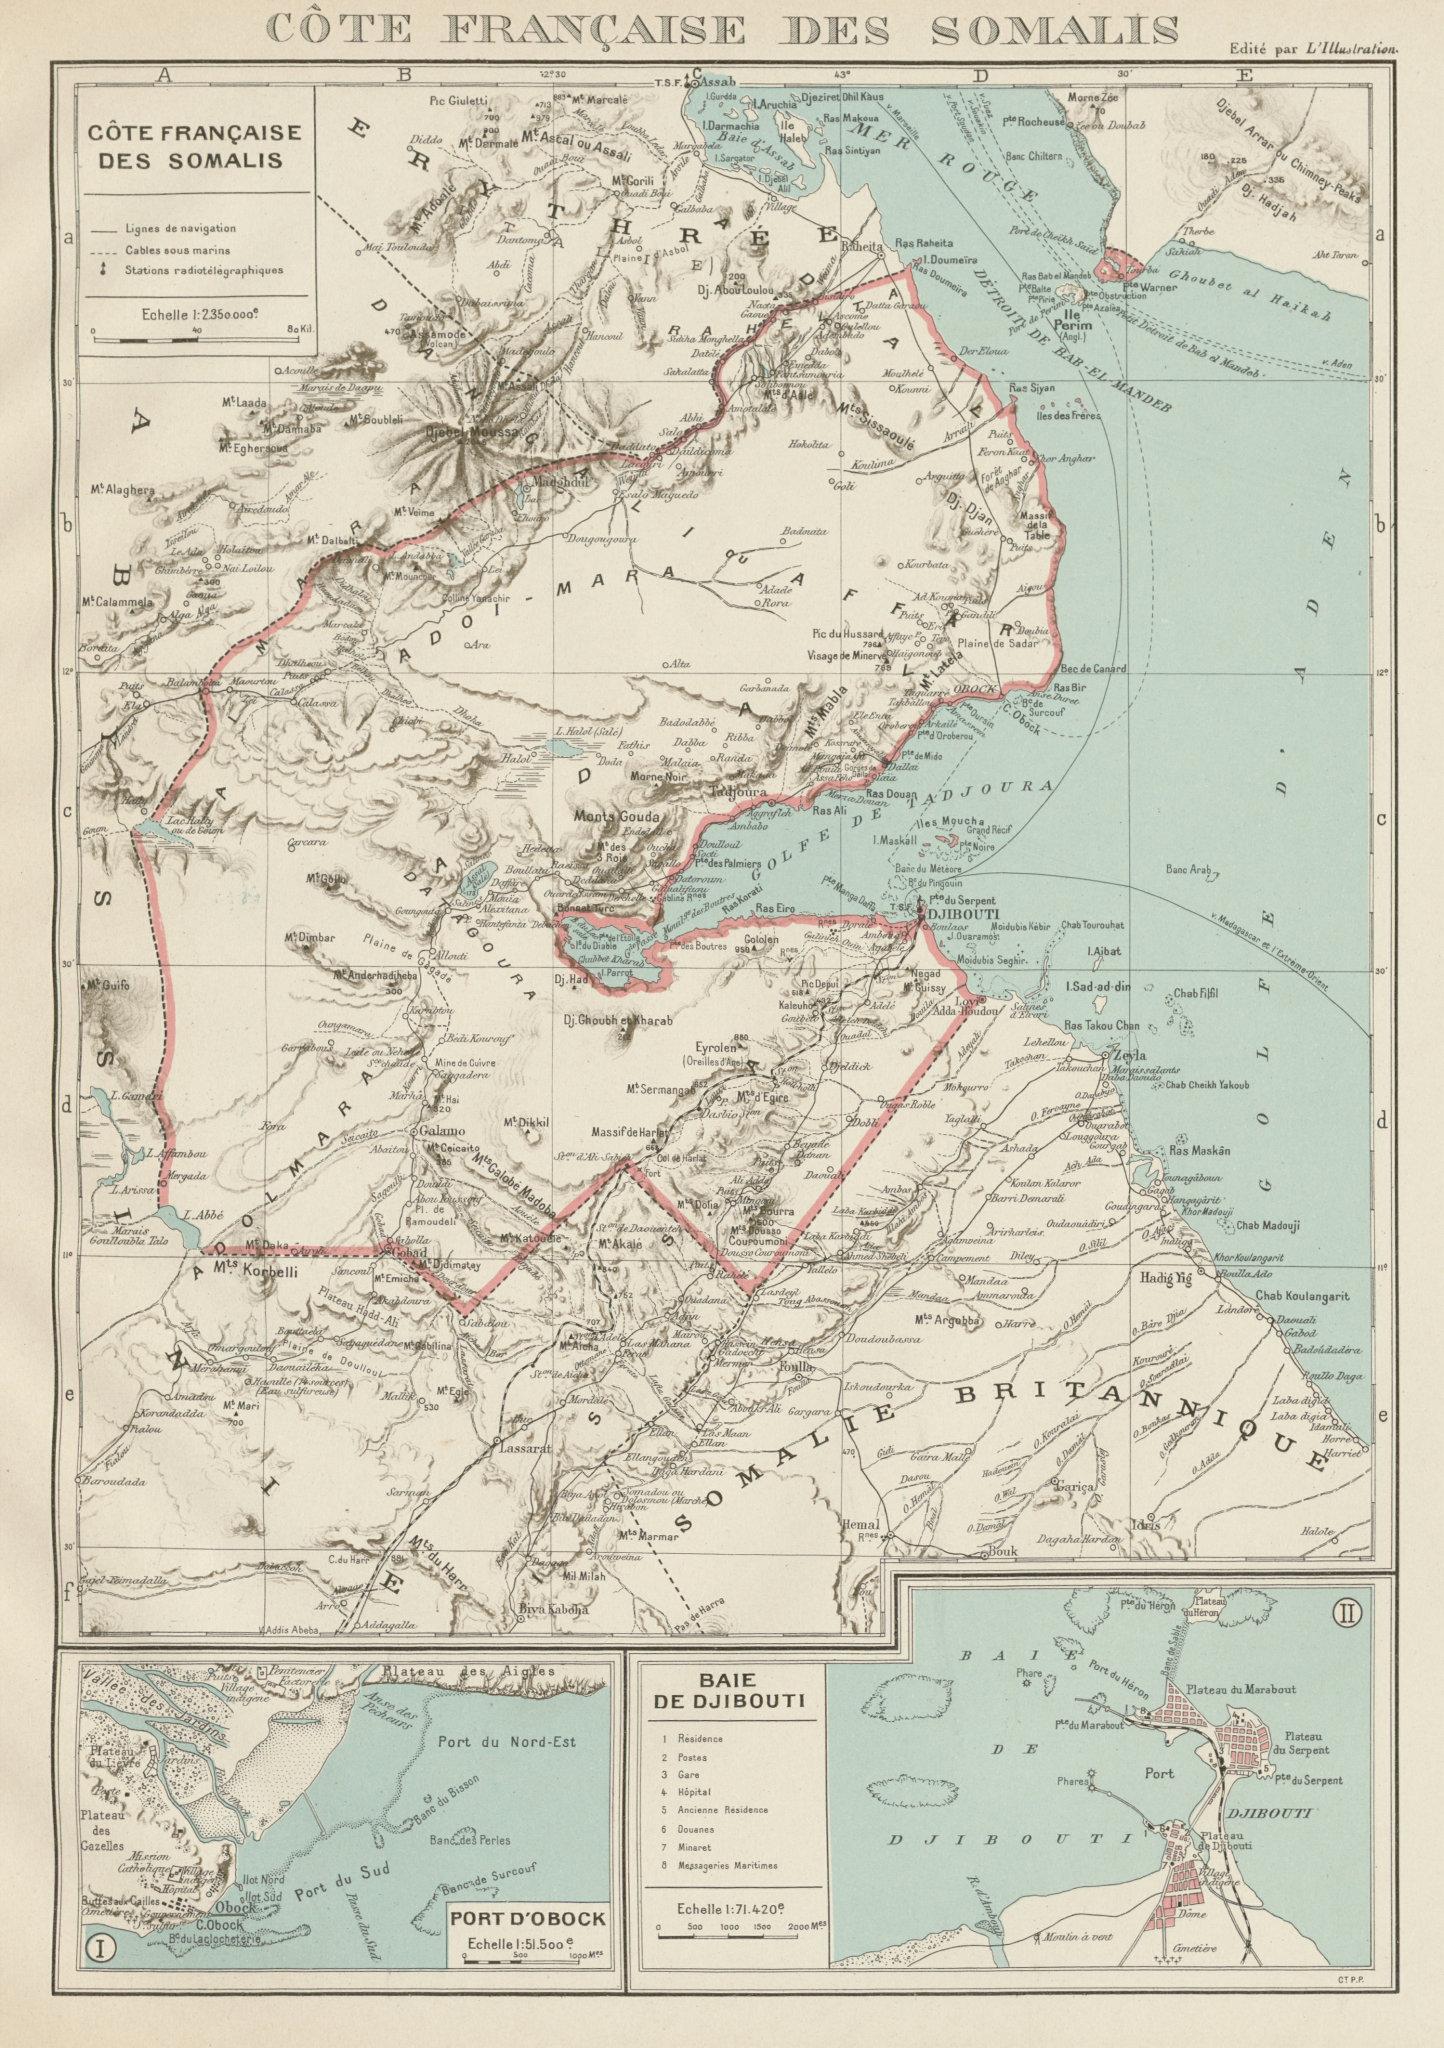 FRENCH SOMALILAND. Cote Française des Somalis. Obok & DJIBOUTI plans 1929 map